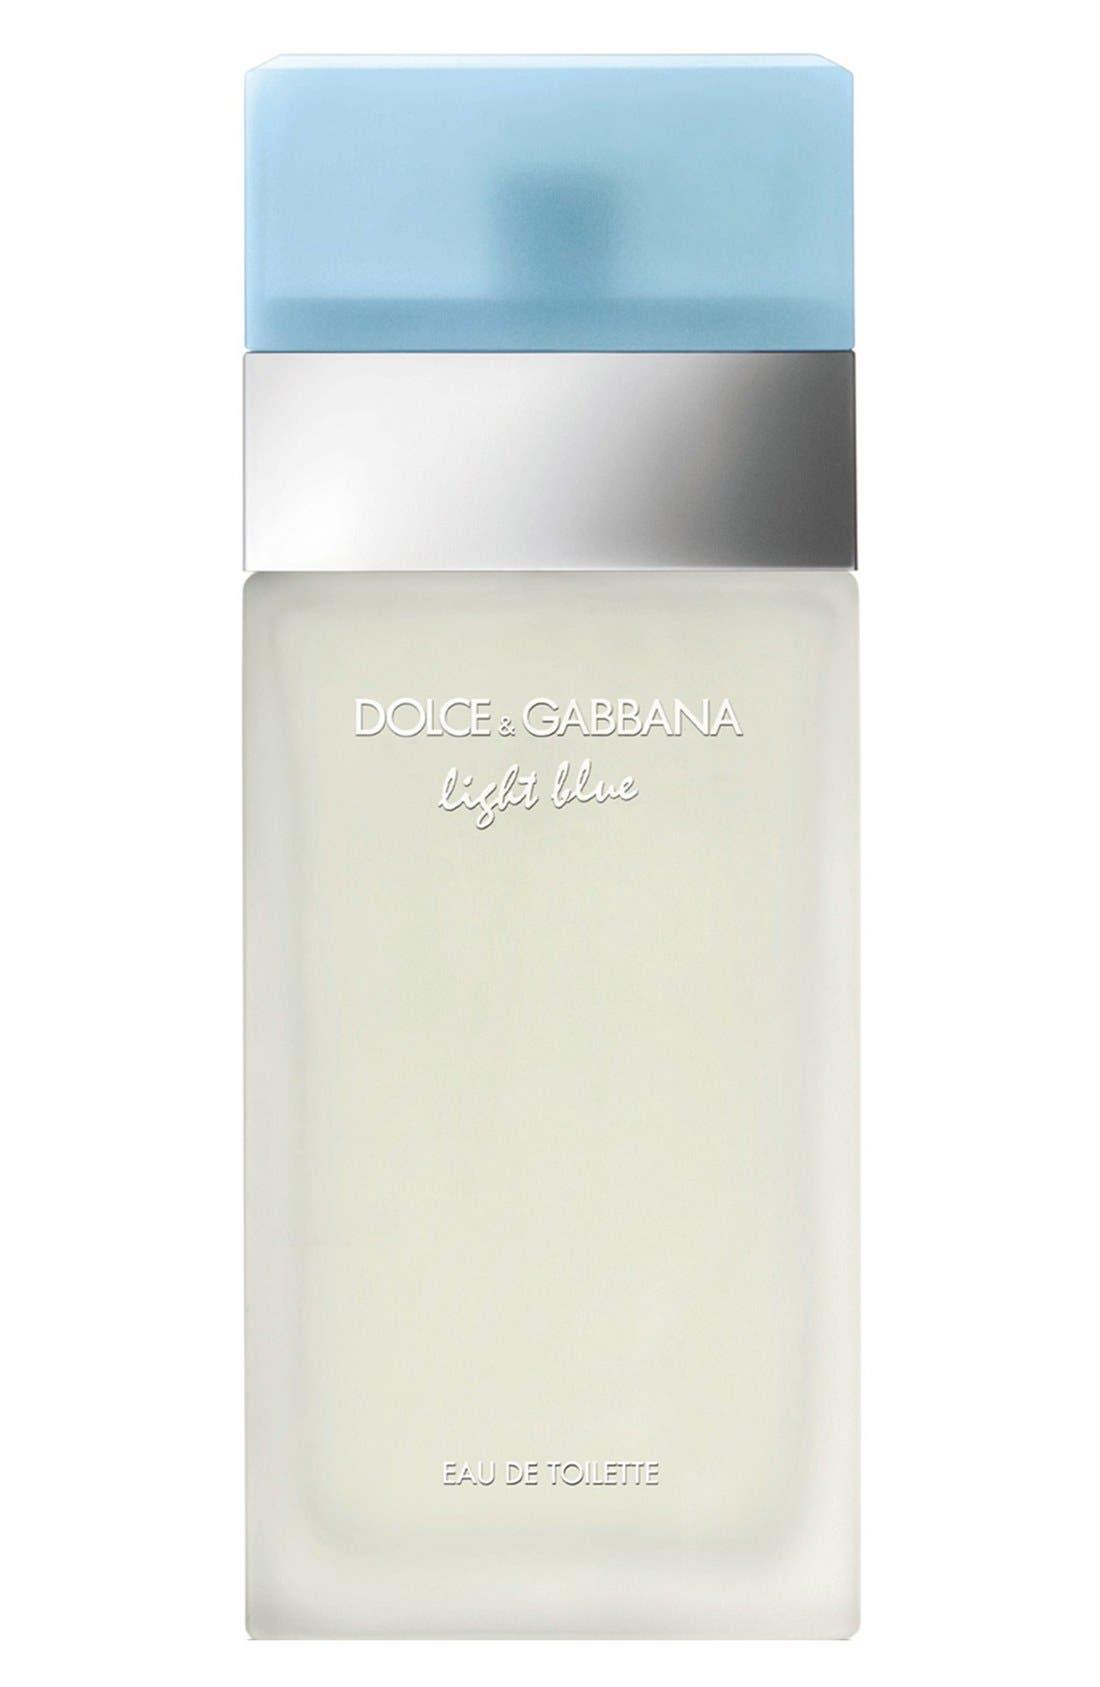 Dolce&Gabbana Beauty 'Light Blue' Eau de Toilette Spray